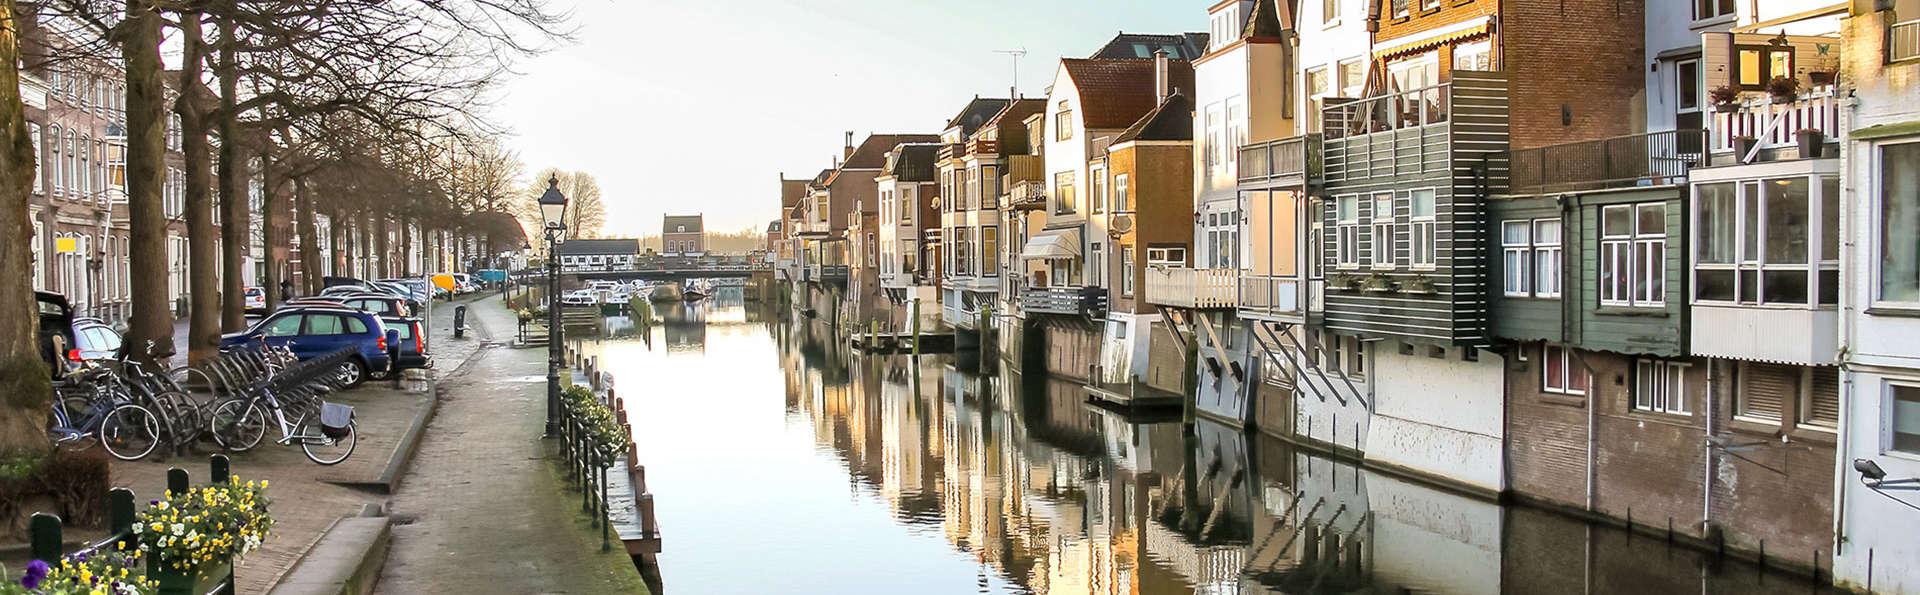 Lujo, confort y encanto en el corazón de los Países Bajos